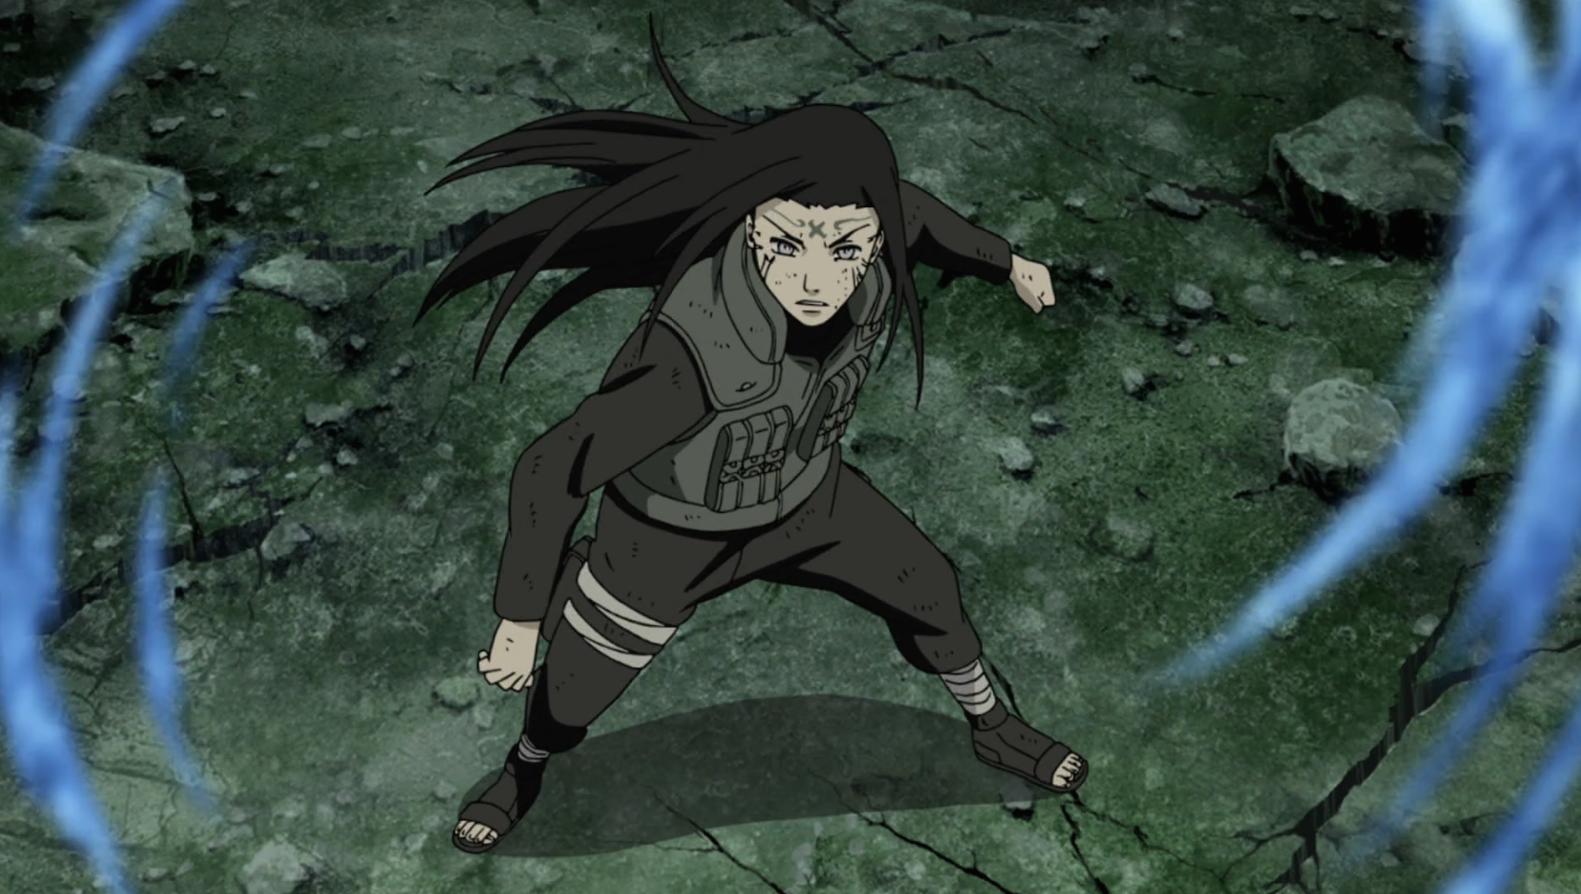 Naruto+Neji+Shippuden Review : Naruto Shippuden Épisode 364 - Neji ...